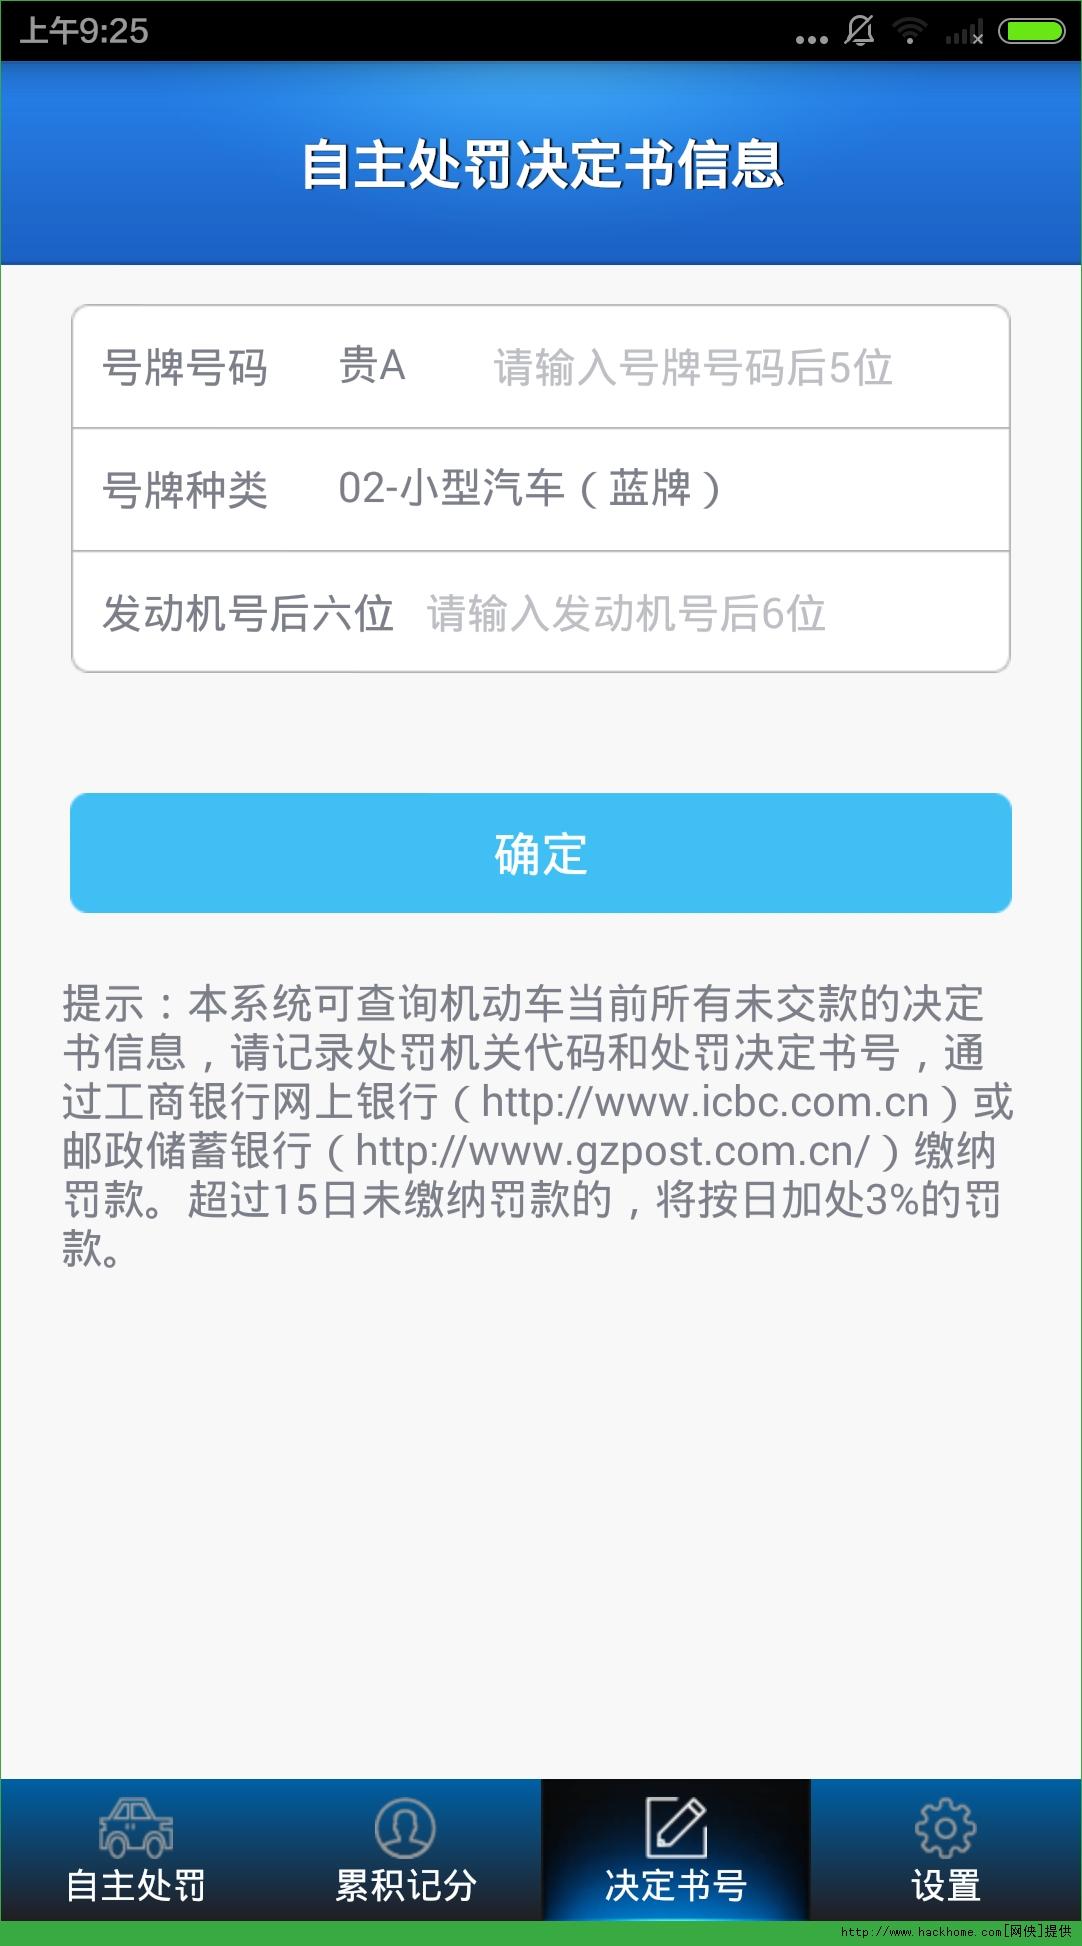 贵阳交警APP下载(贵州交警)图4: